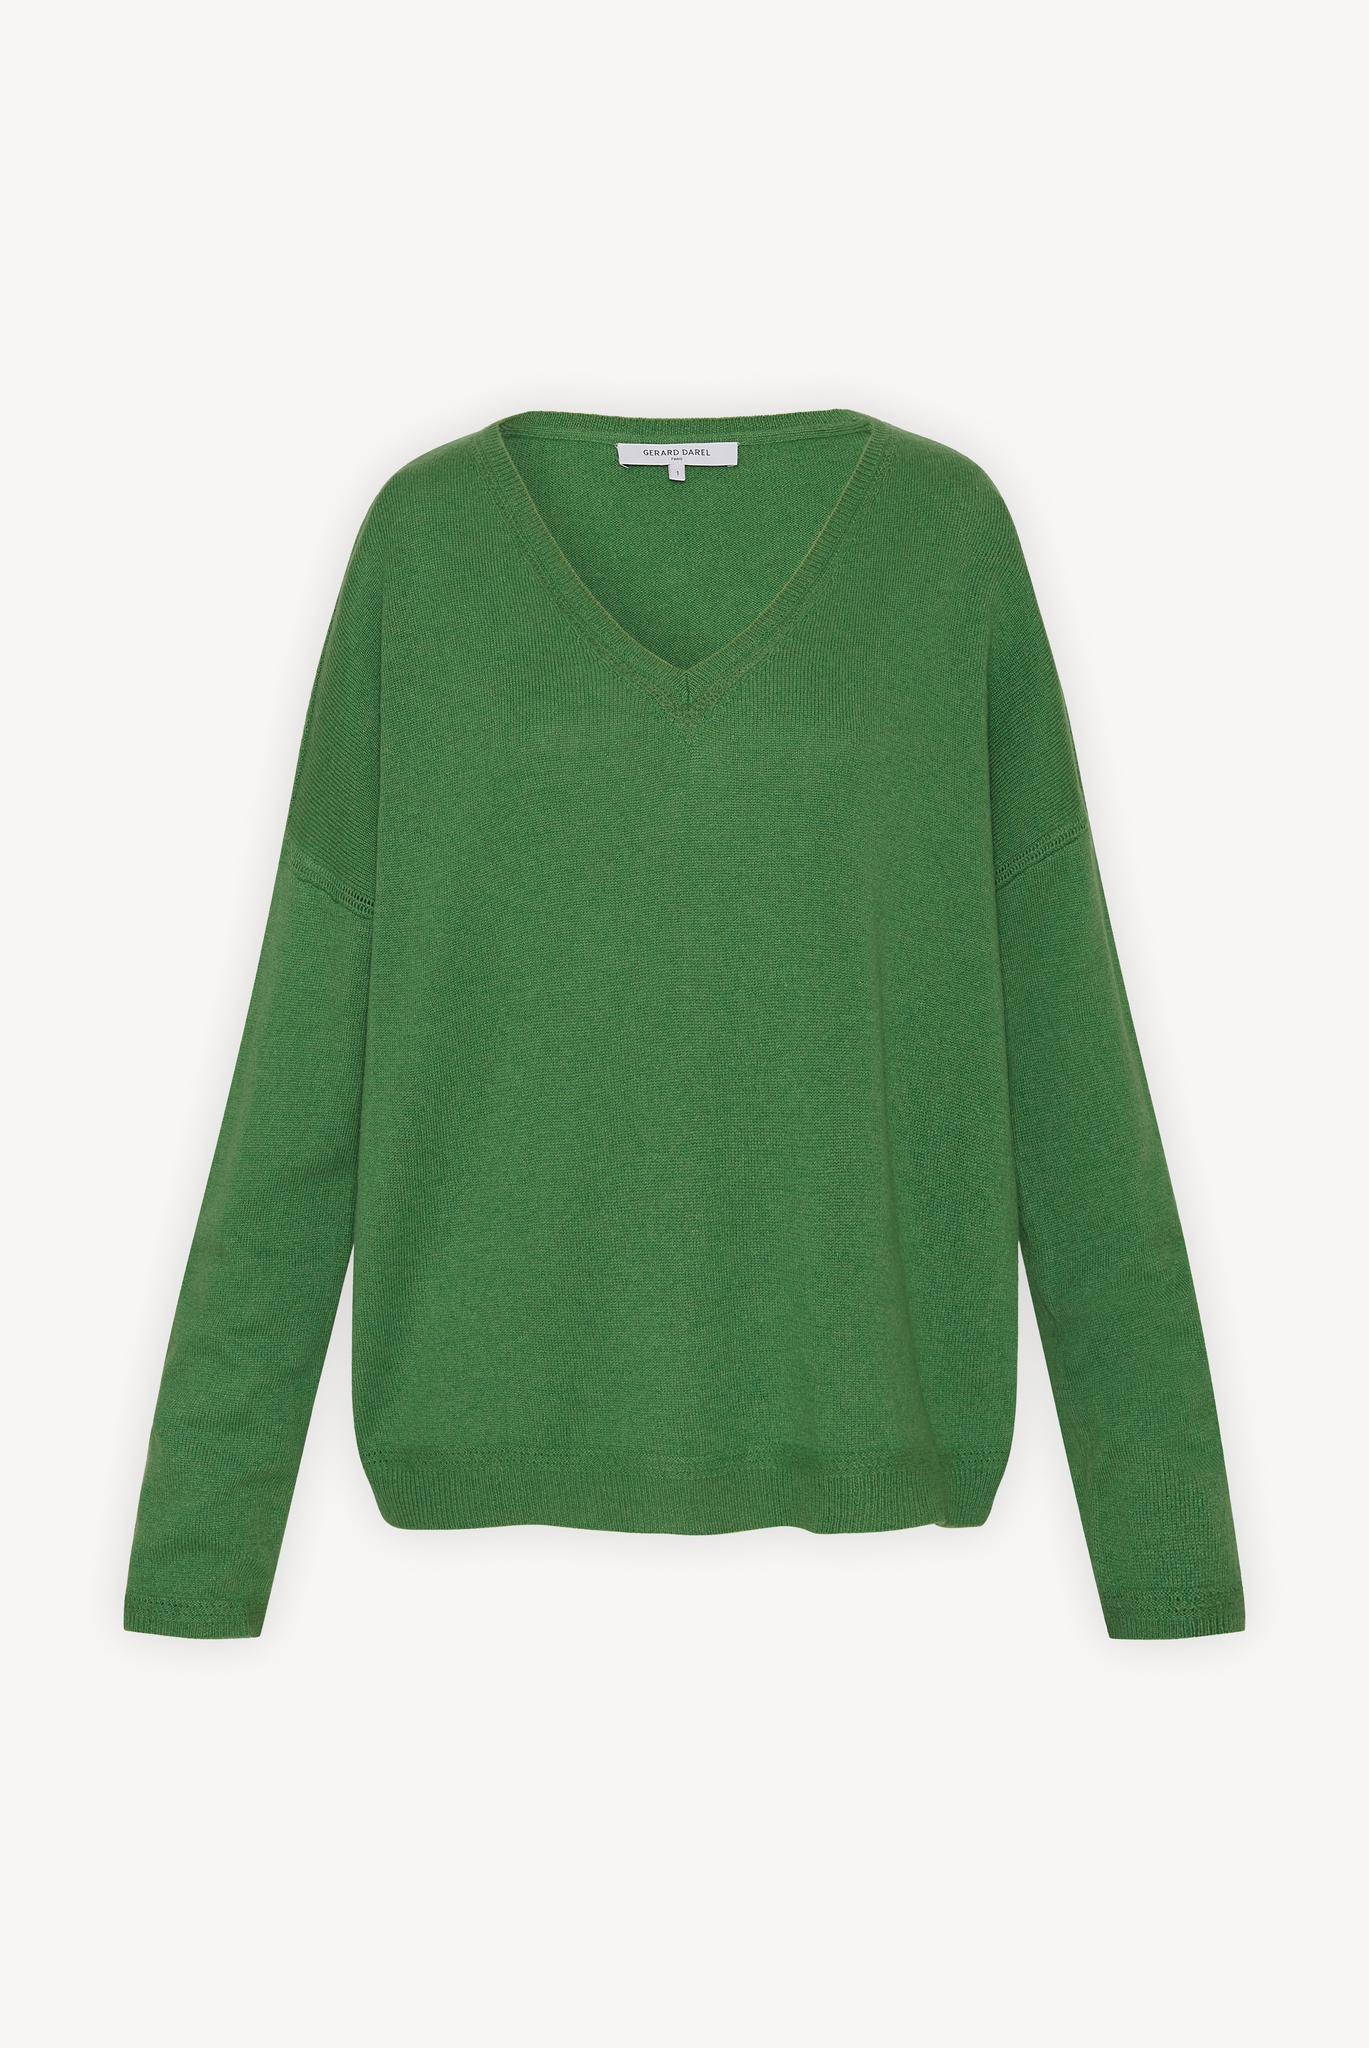 EDEN - кашемировый свитер свободного кроя с V-образным вырезом